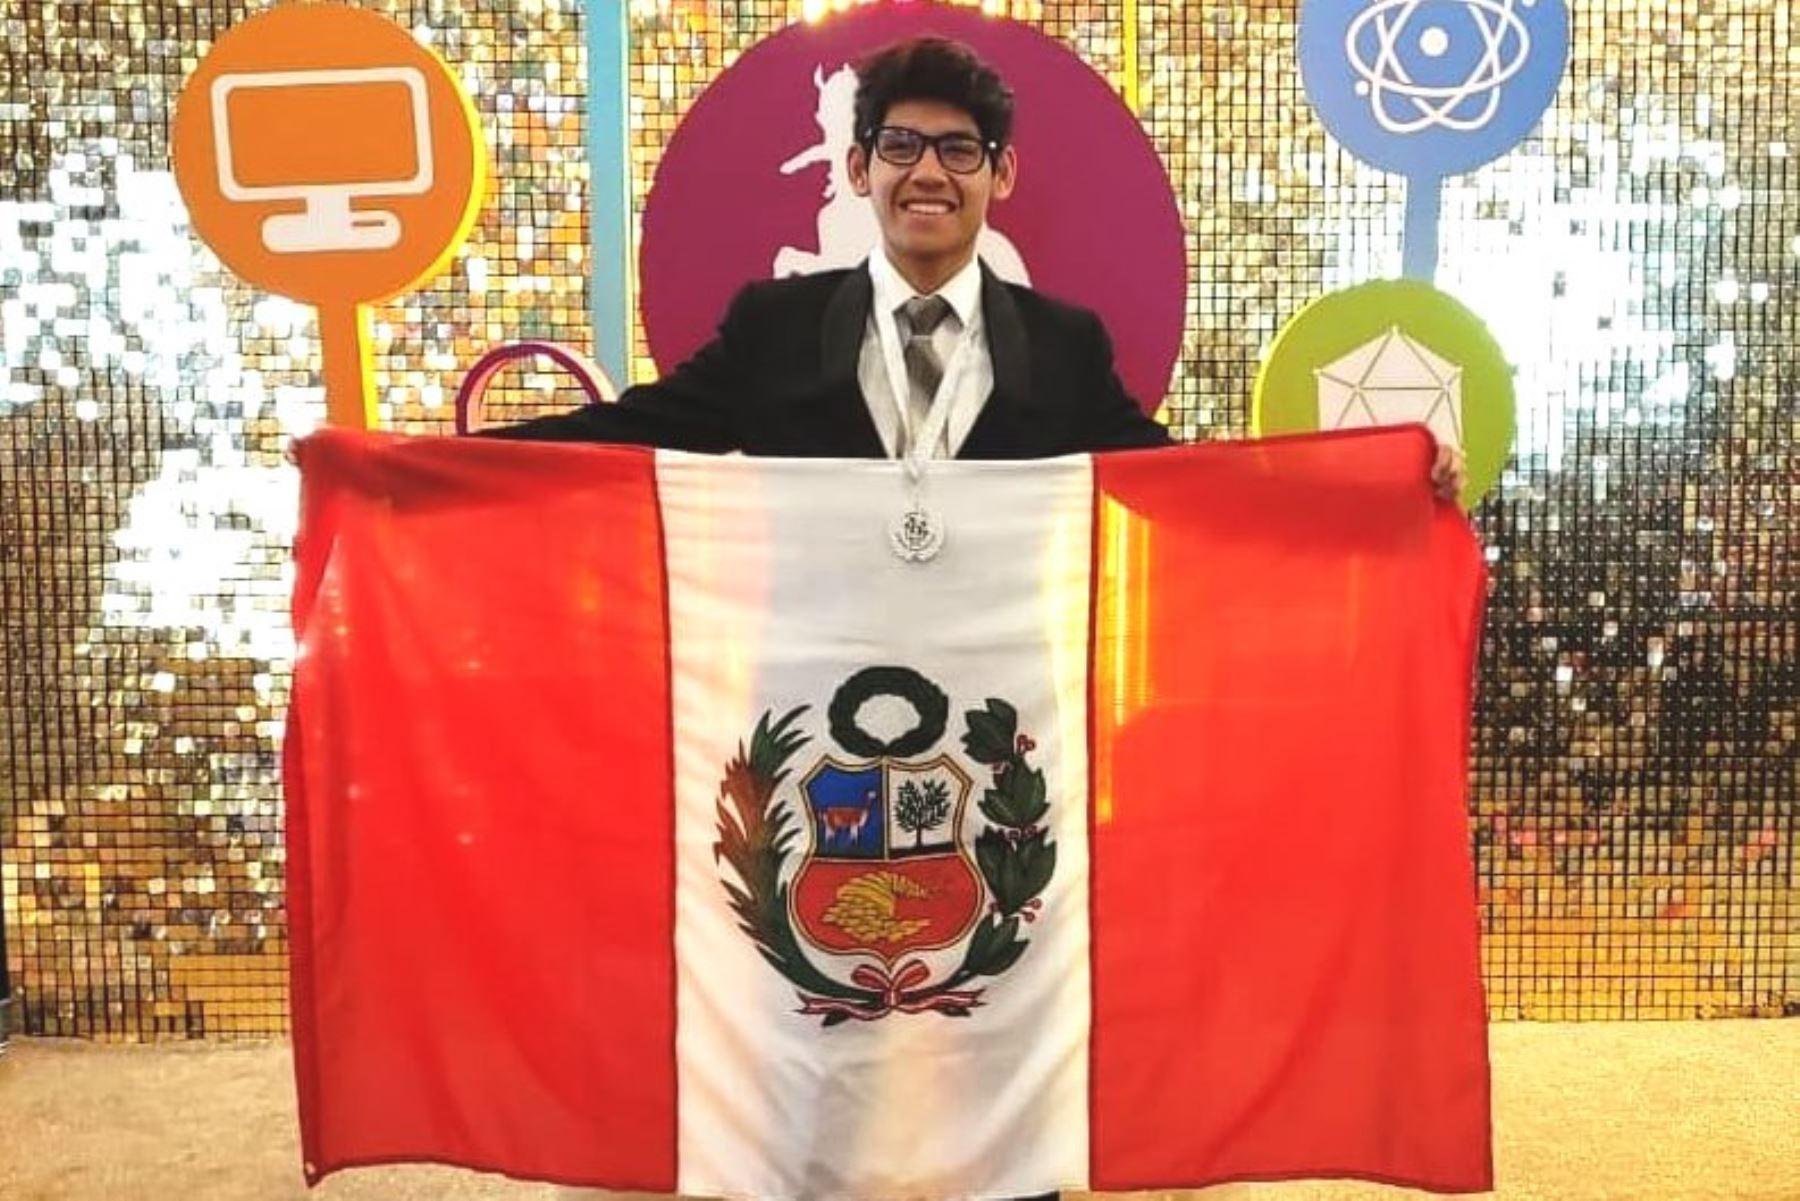 Campeón Internacional de Ciencias podrá estudiar Física gracias a beca de la PUCP